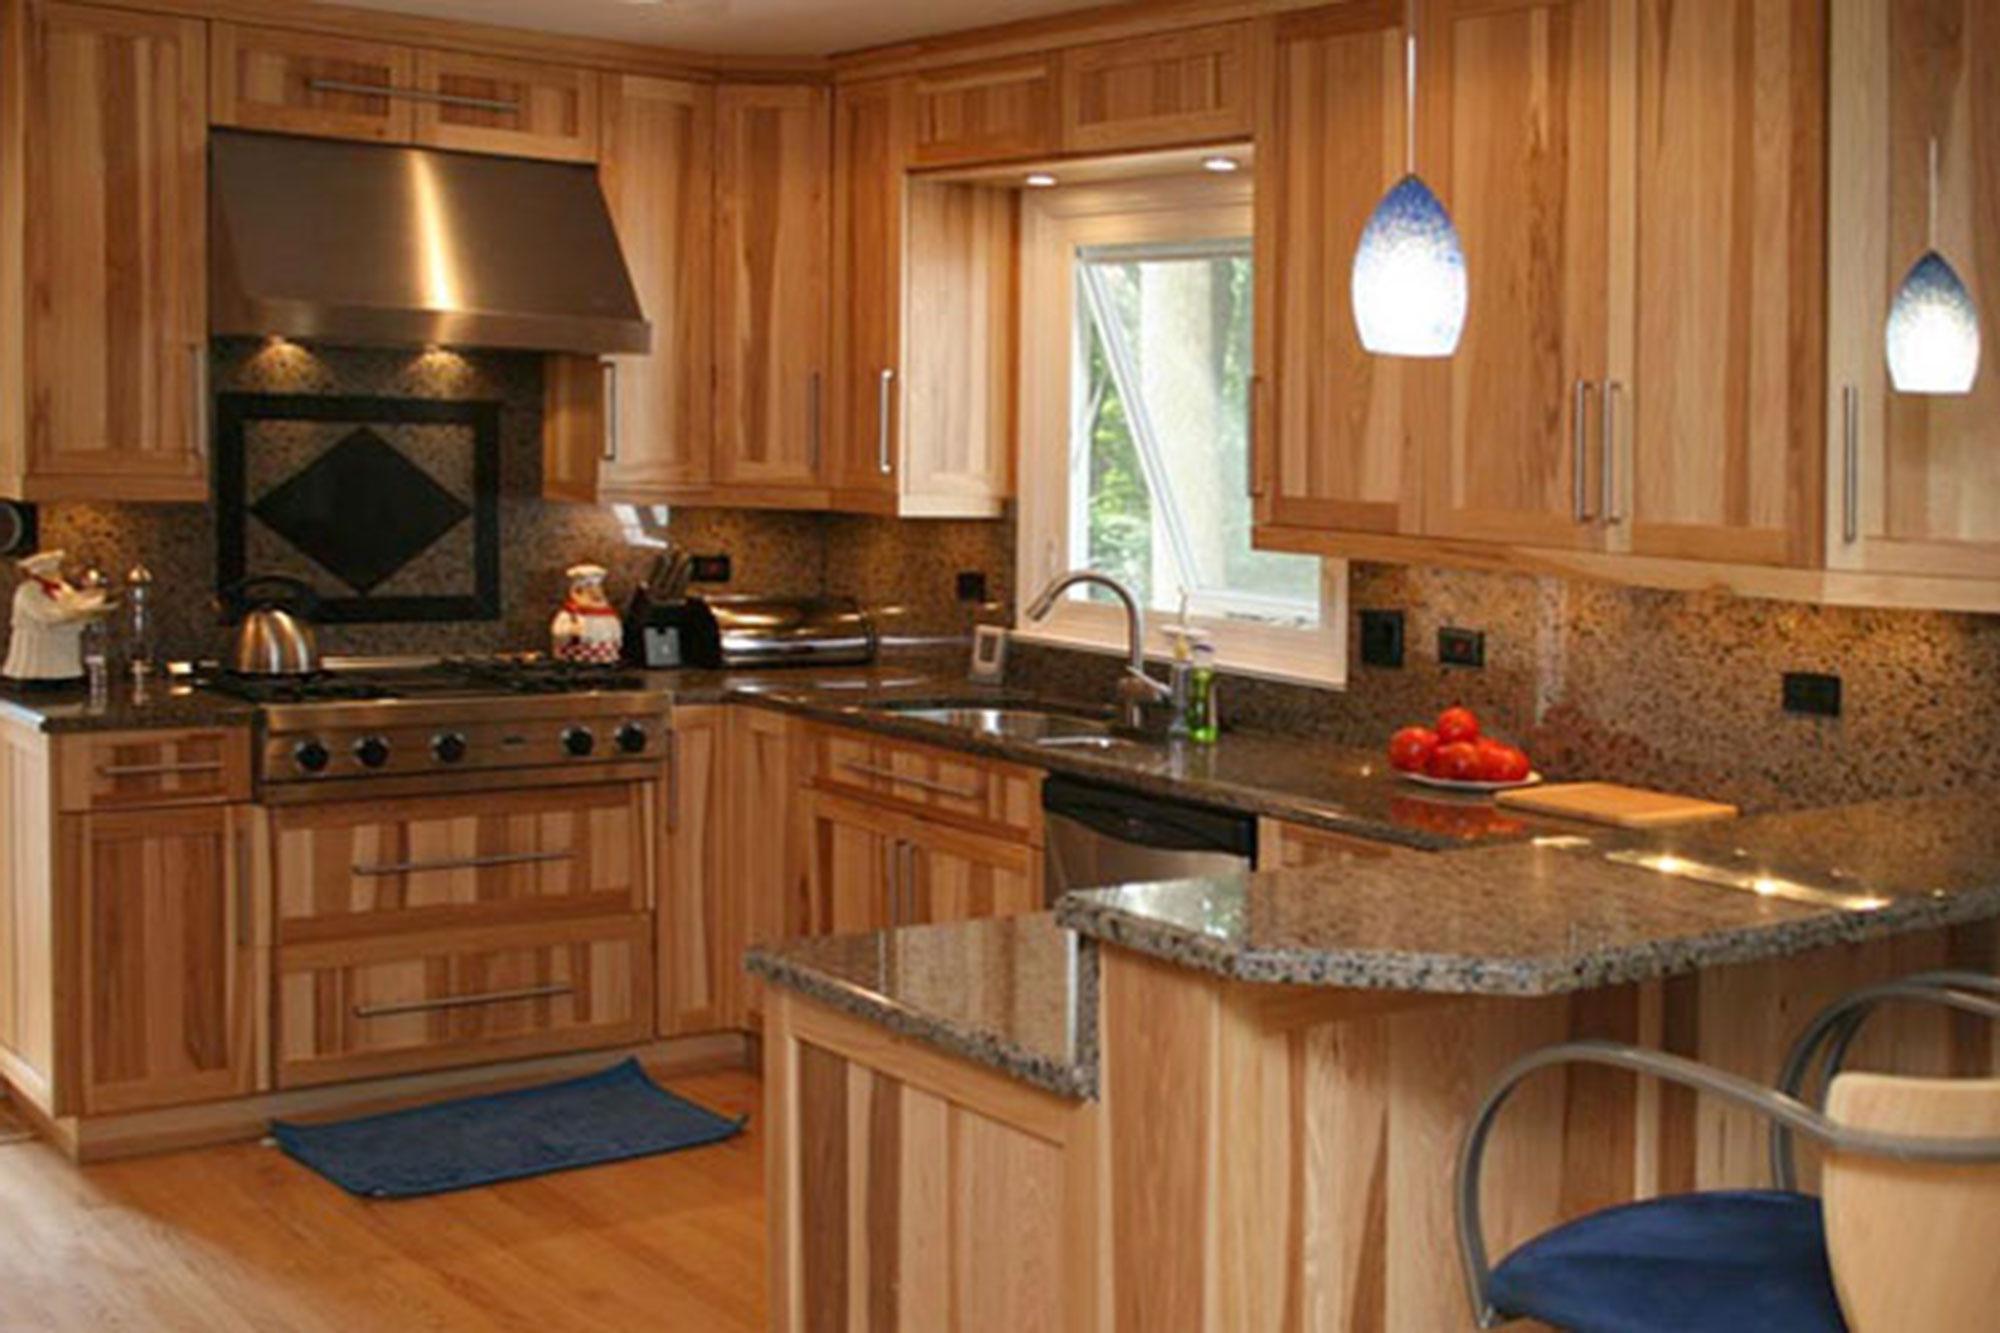 Best Kitchen Gallery: Hickory Cabi S Kitchen Bath Kitchen Cabi S Bathroom of Wood For Kitchen Cabinets on rachelxblog.com